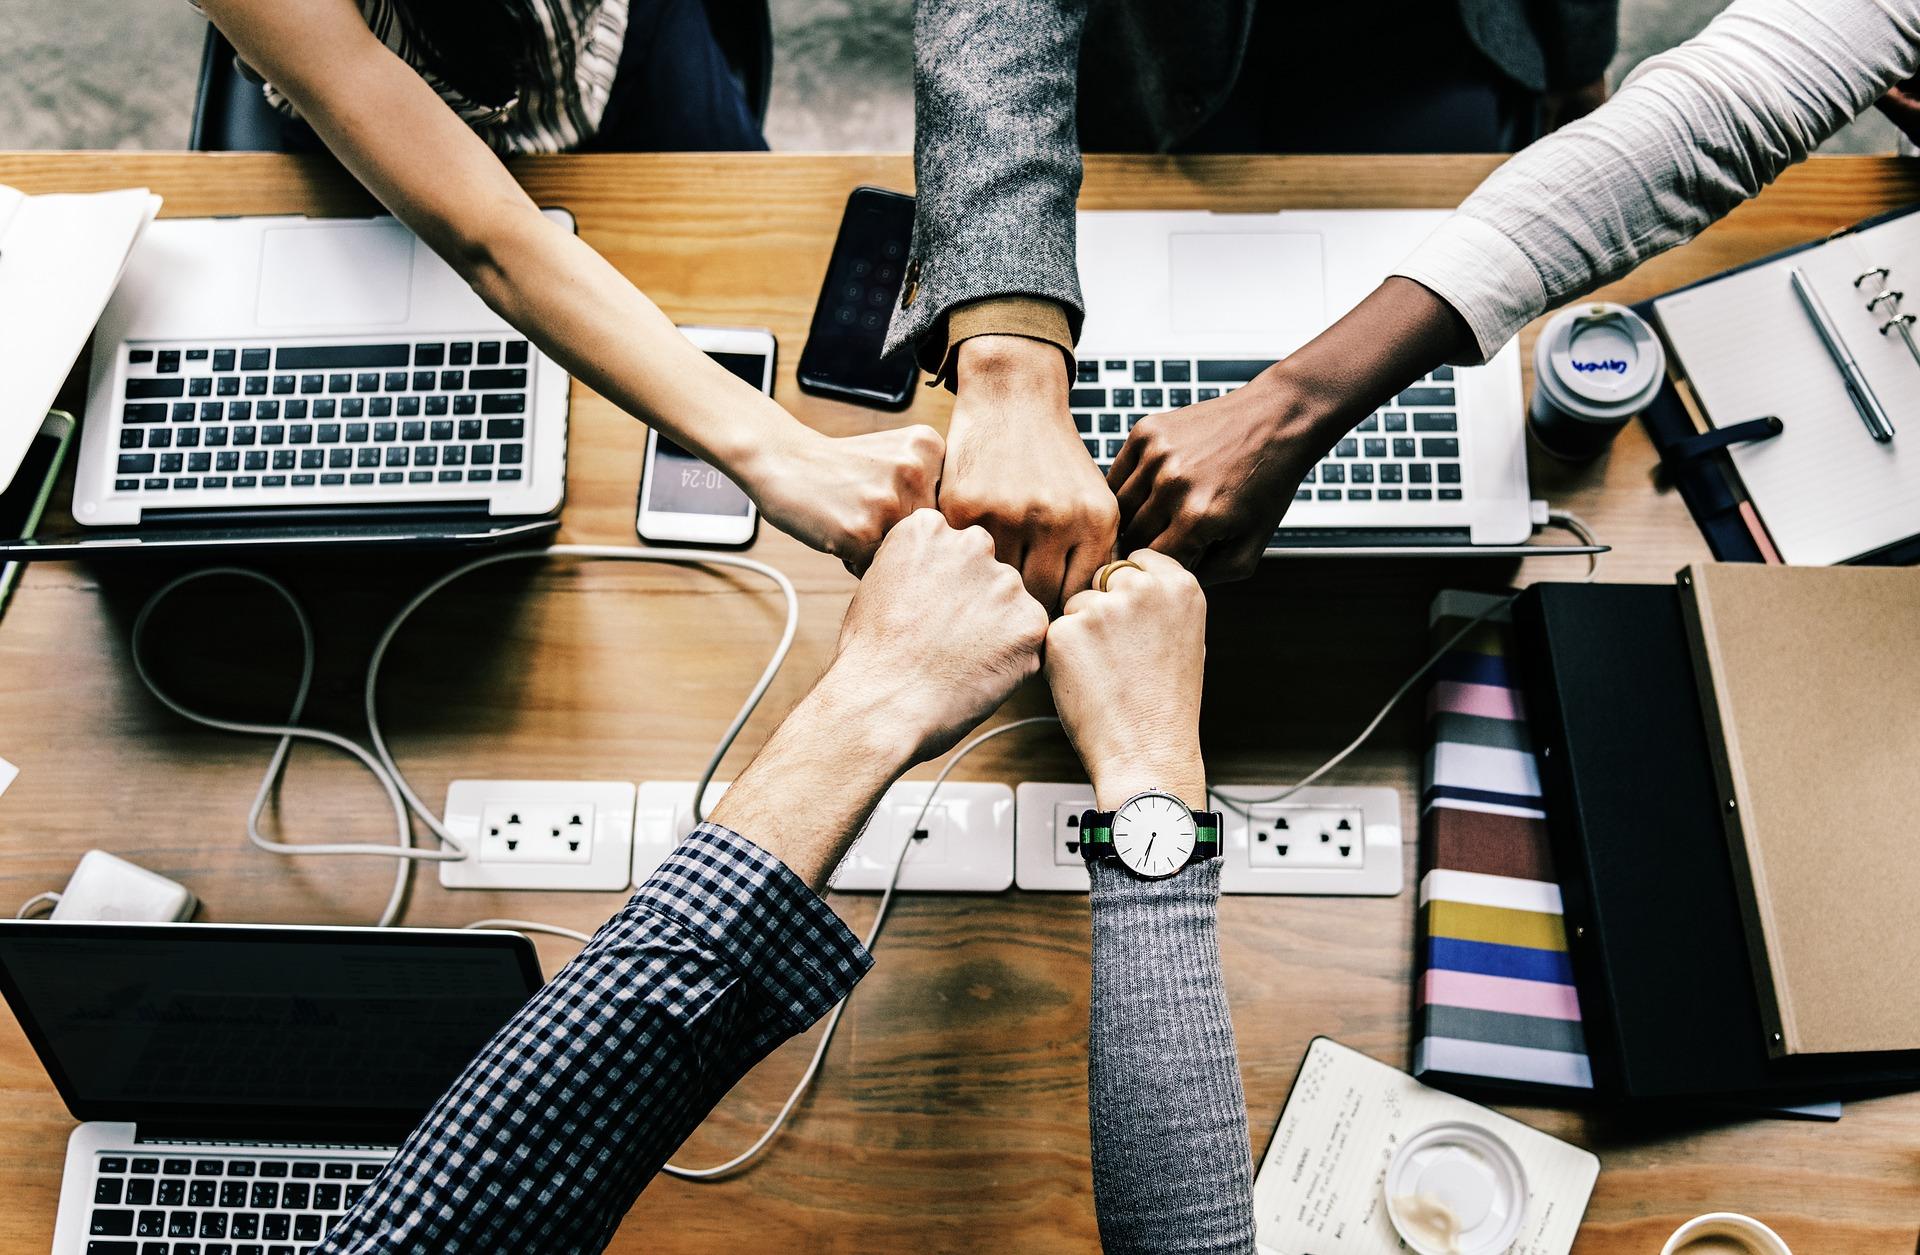 Über einem Tisch voll mit Laptops und Schreibkram sieht man fünf Hände, die sich einen Fistbump geben.